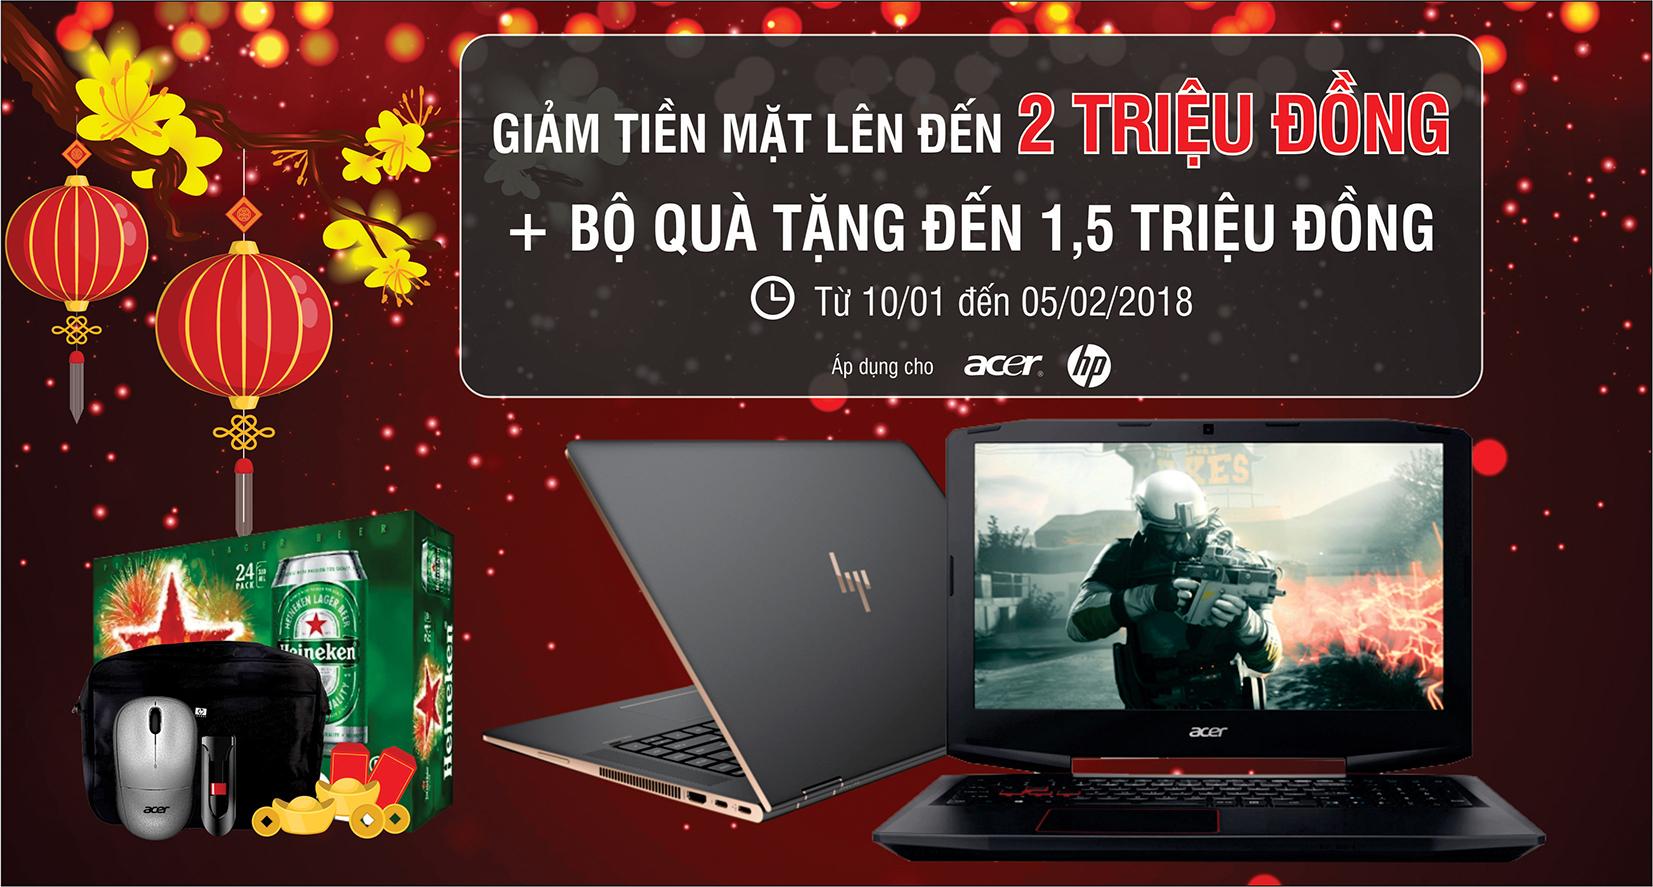 <b>Laptop</b> HP - Acer ưu đãi lớn